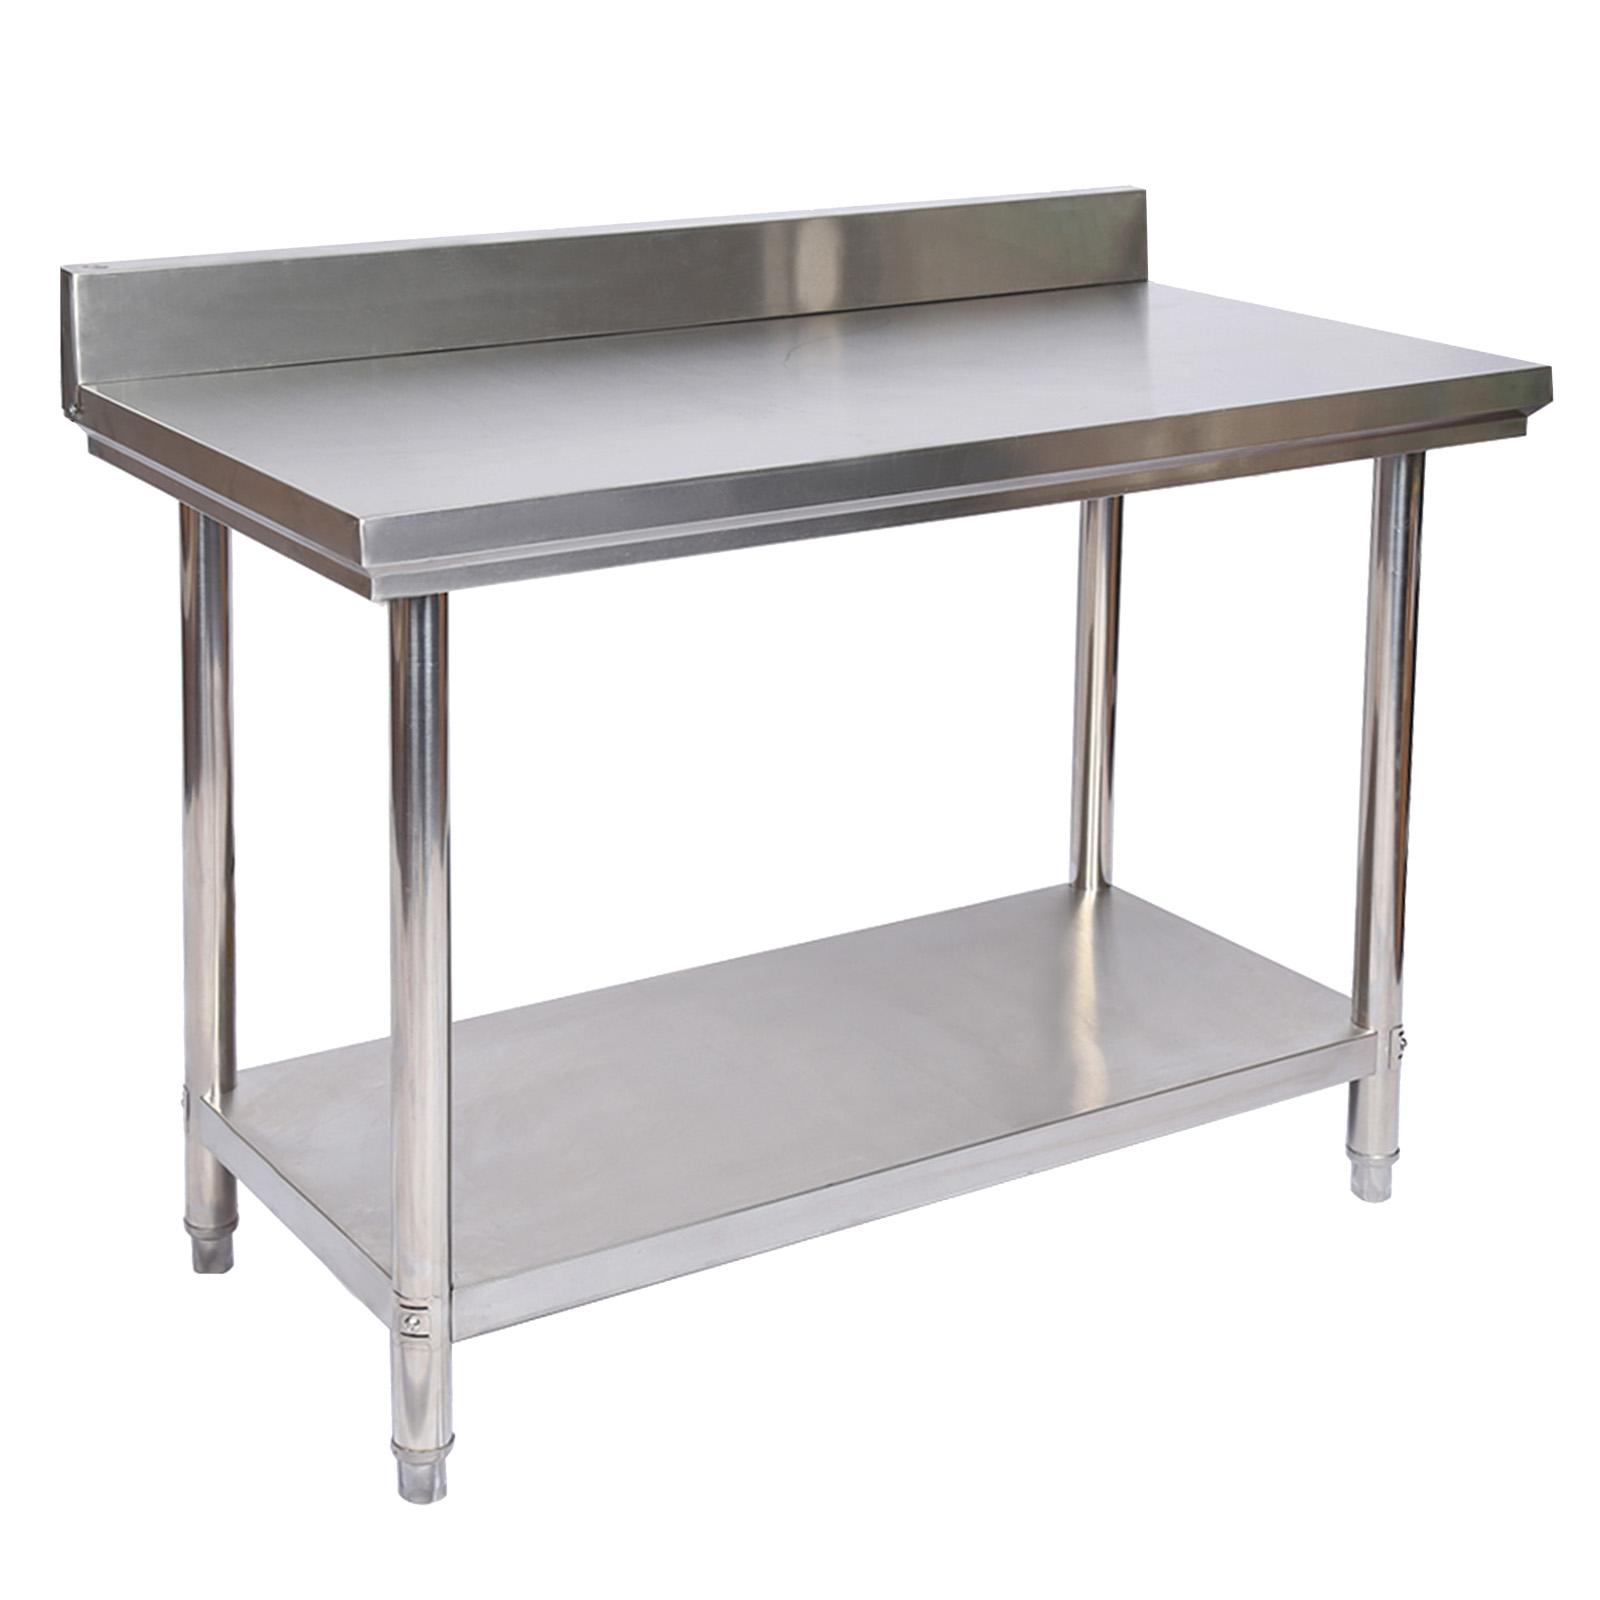 Details zu Table de travail en acier inoxydable avec rebord de protection  12 x 12 x 12 cm